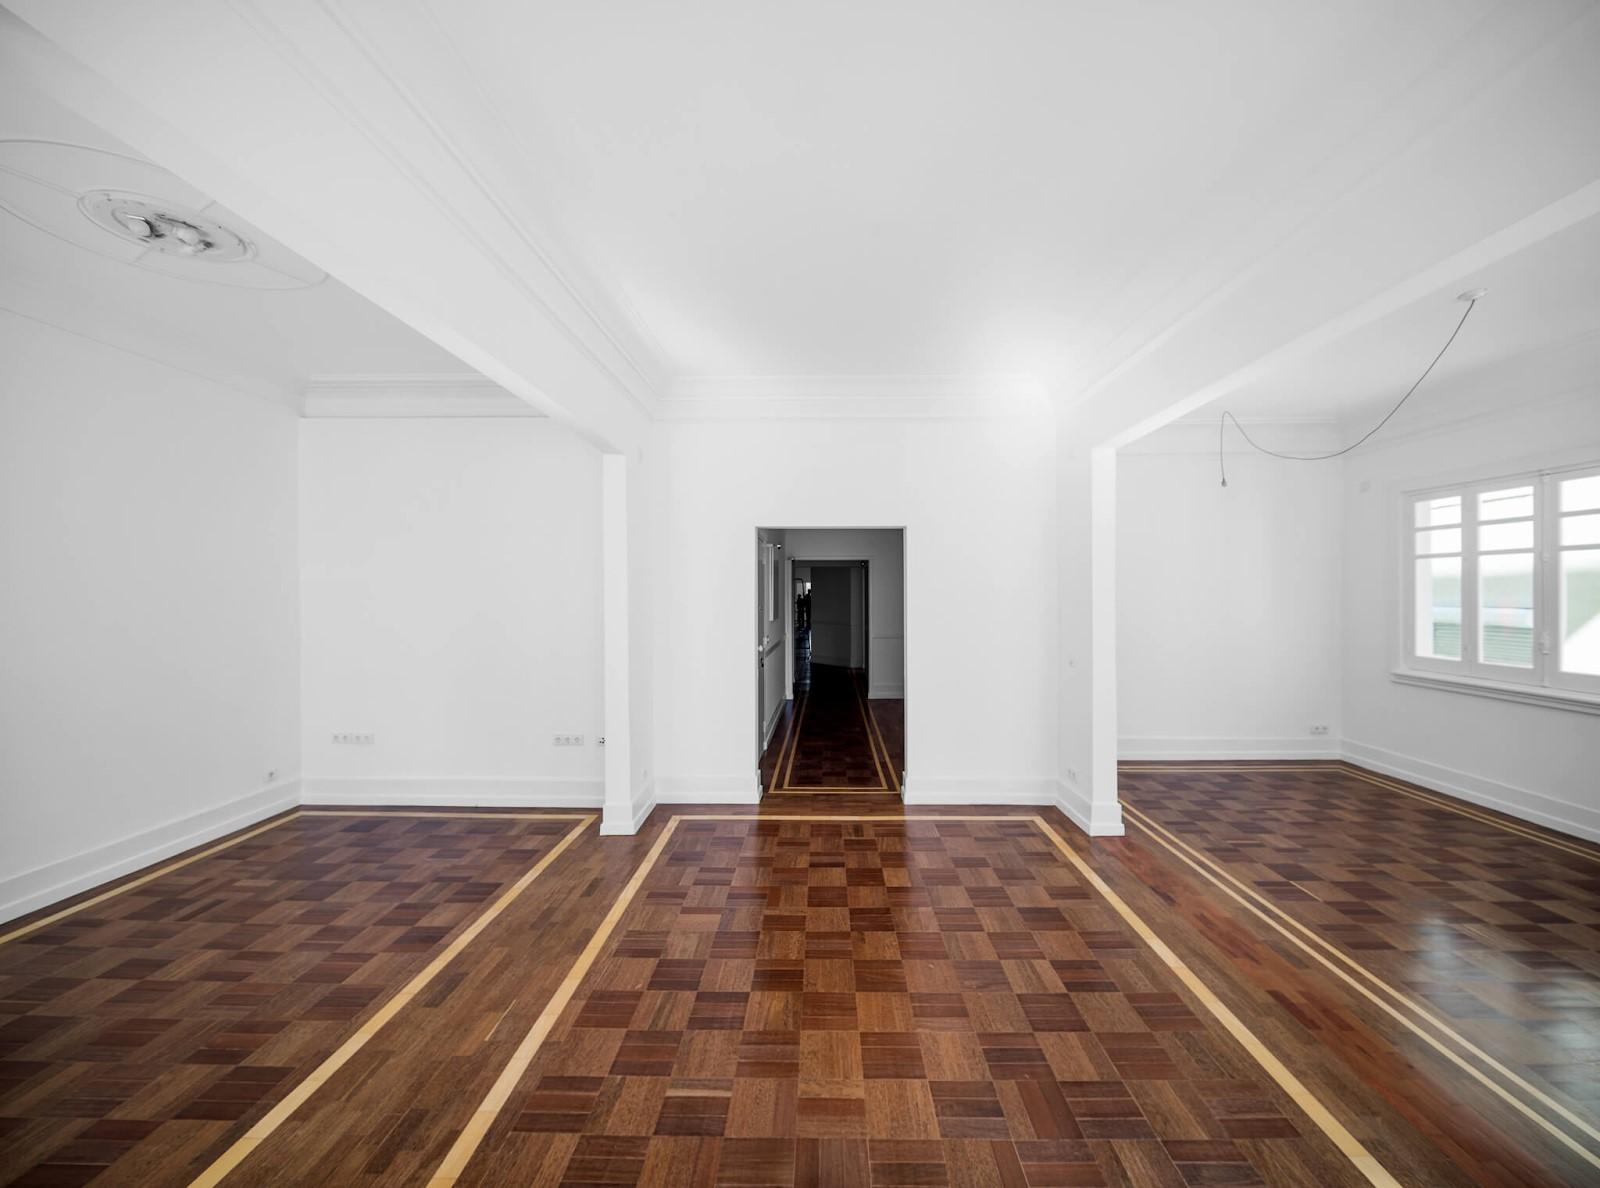 Sàn gỗ chung cư nên sử dụng loại gỗ nào là phù hợp nhất?